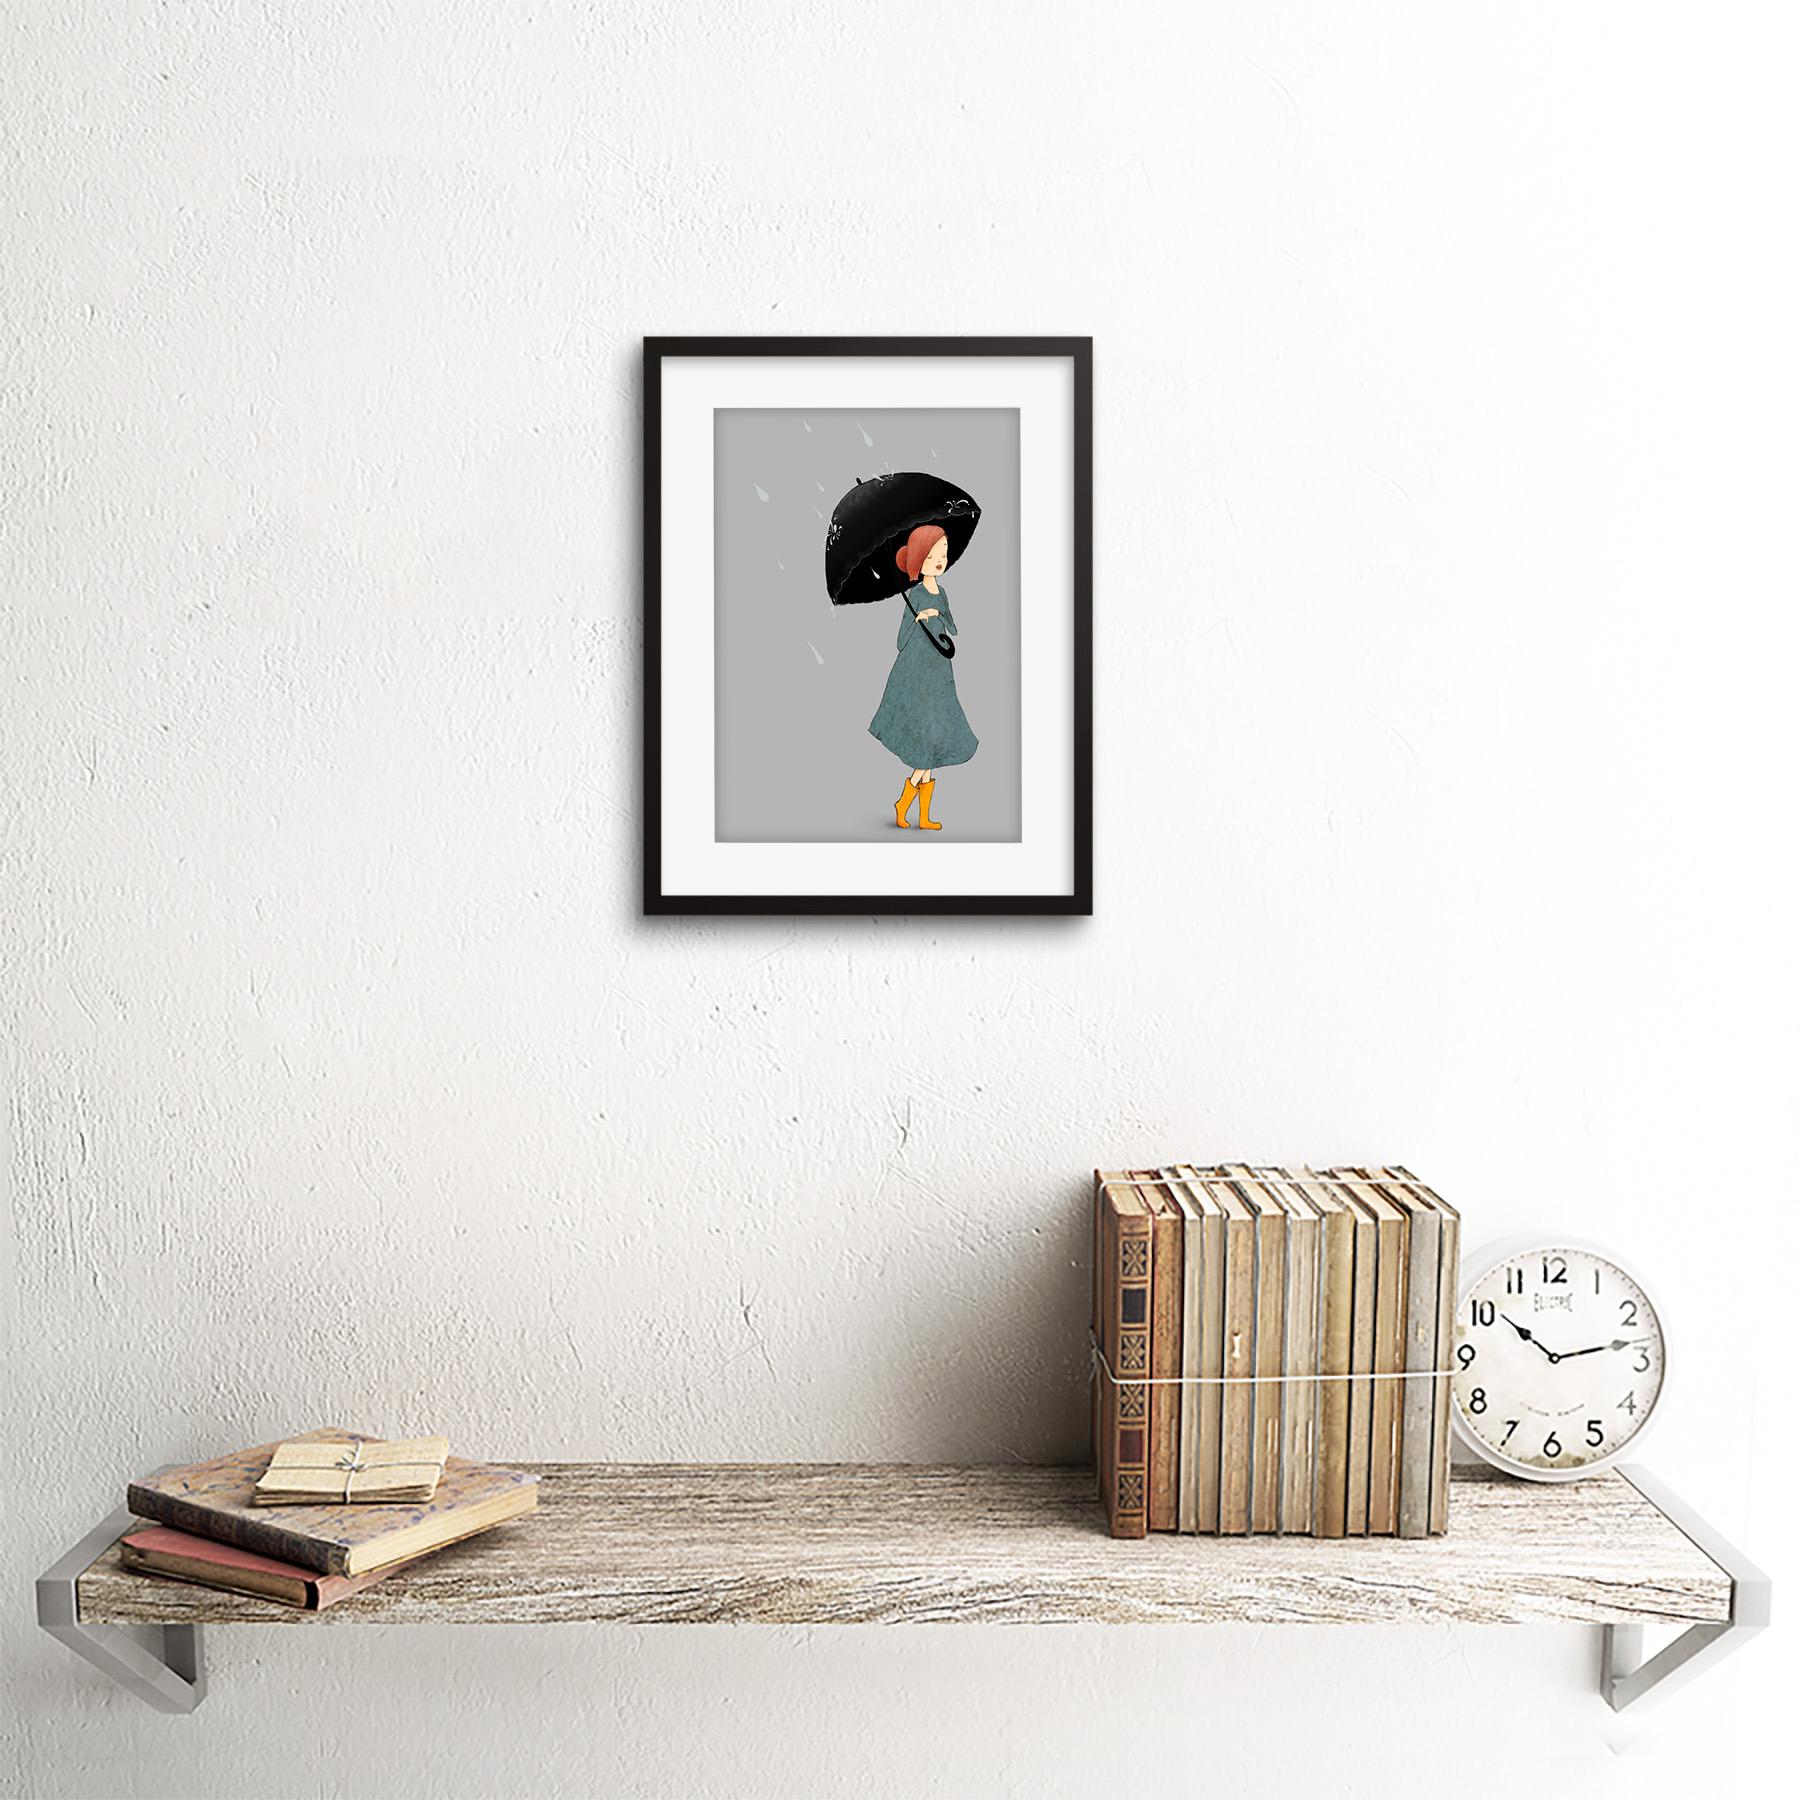 Girl In Rain Illustration Art Print Framed Poster Wall Decor